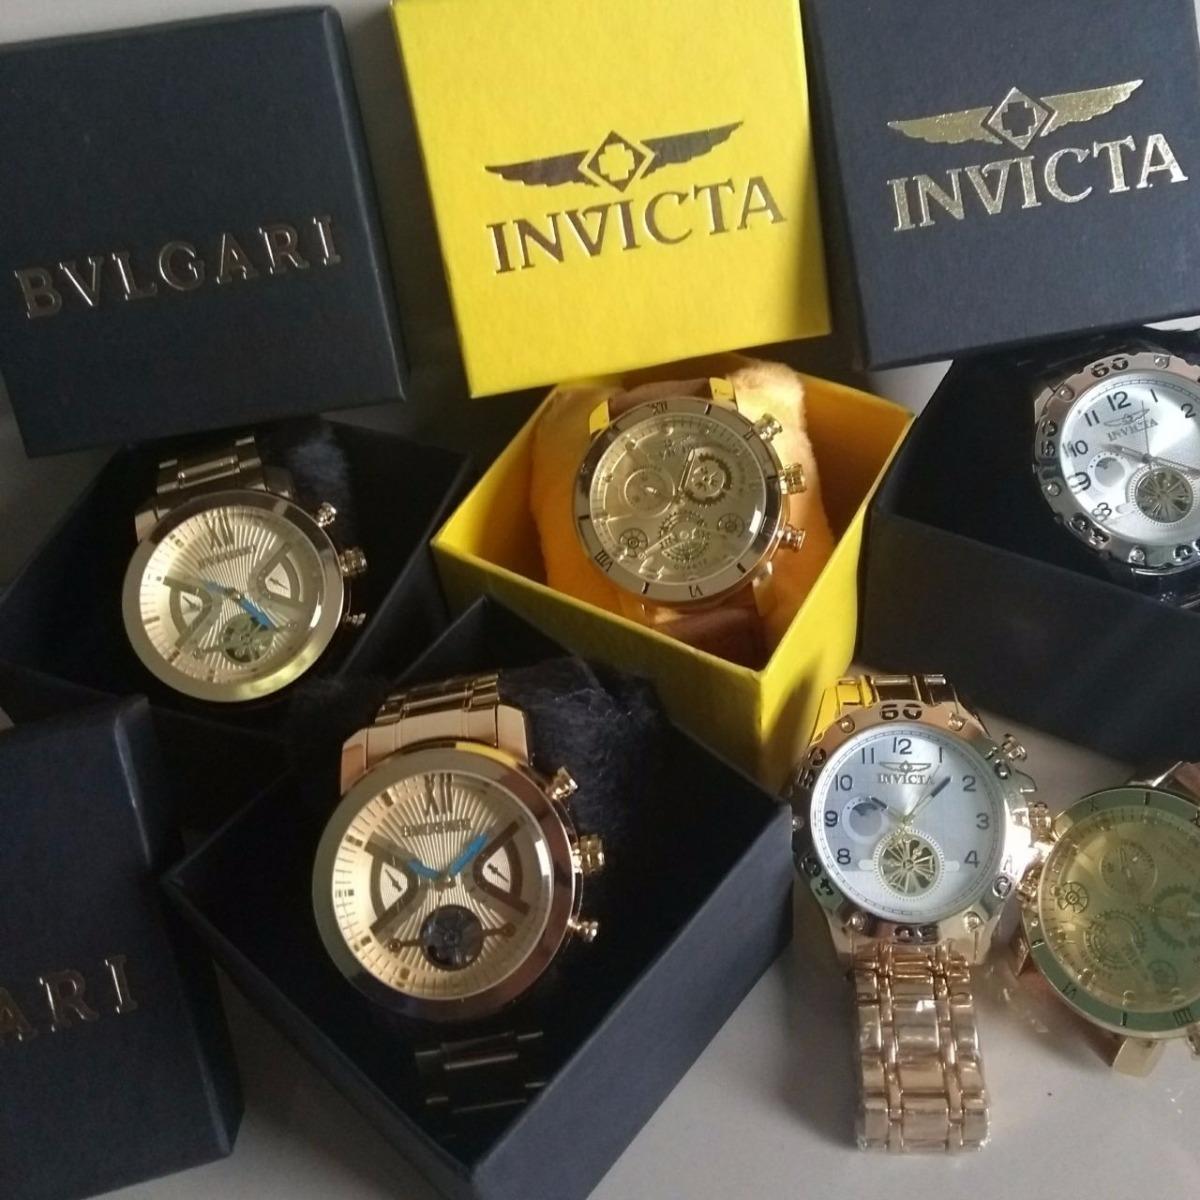 17521cdf8d39b Barato Kit C 4 Relógios Masculinos+ Caixa + 3 Femininos - R  158